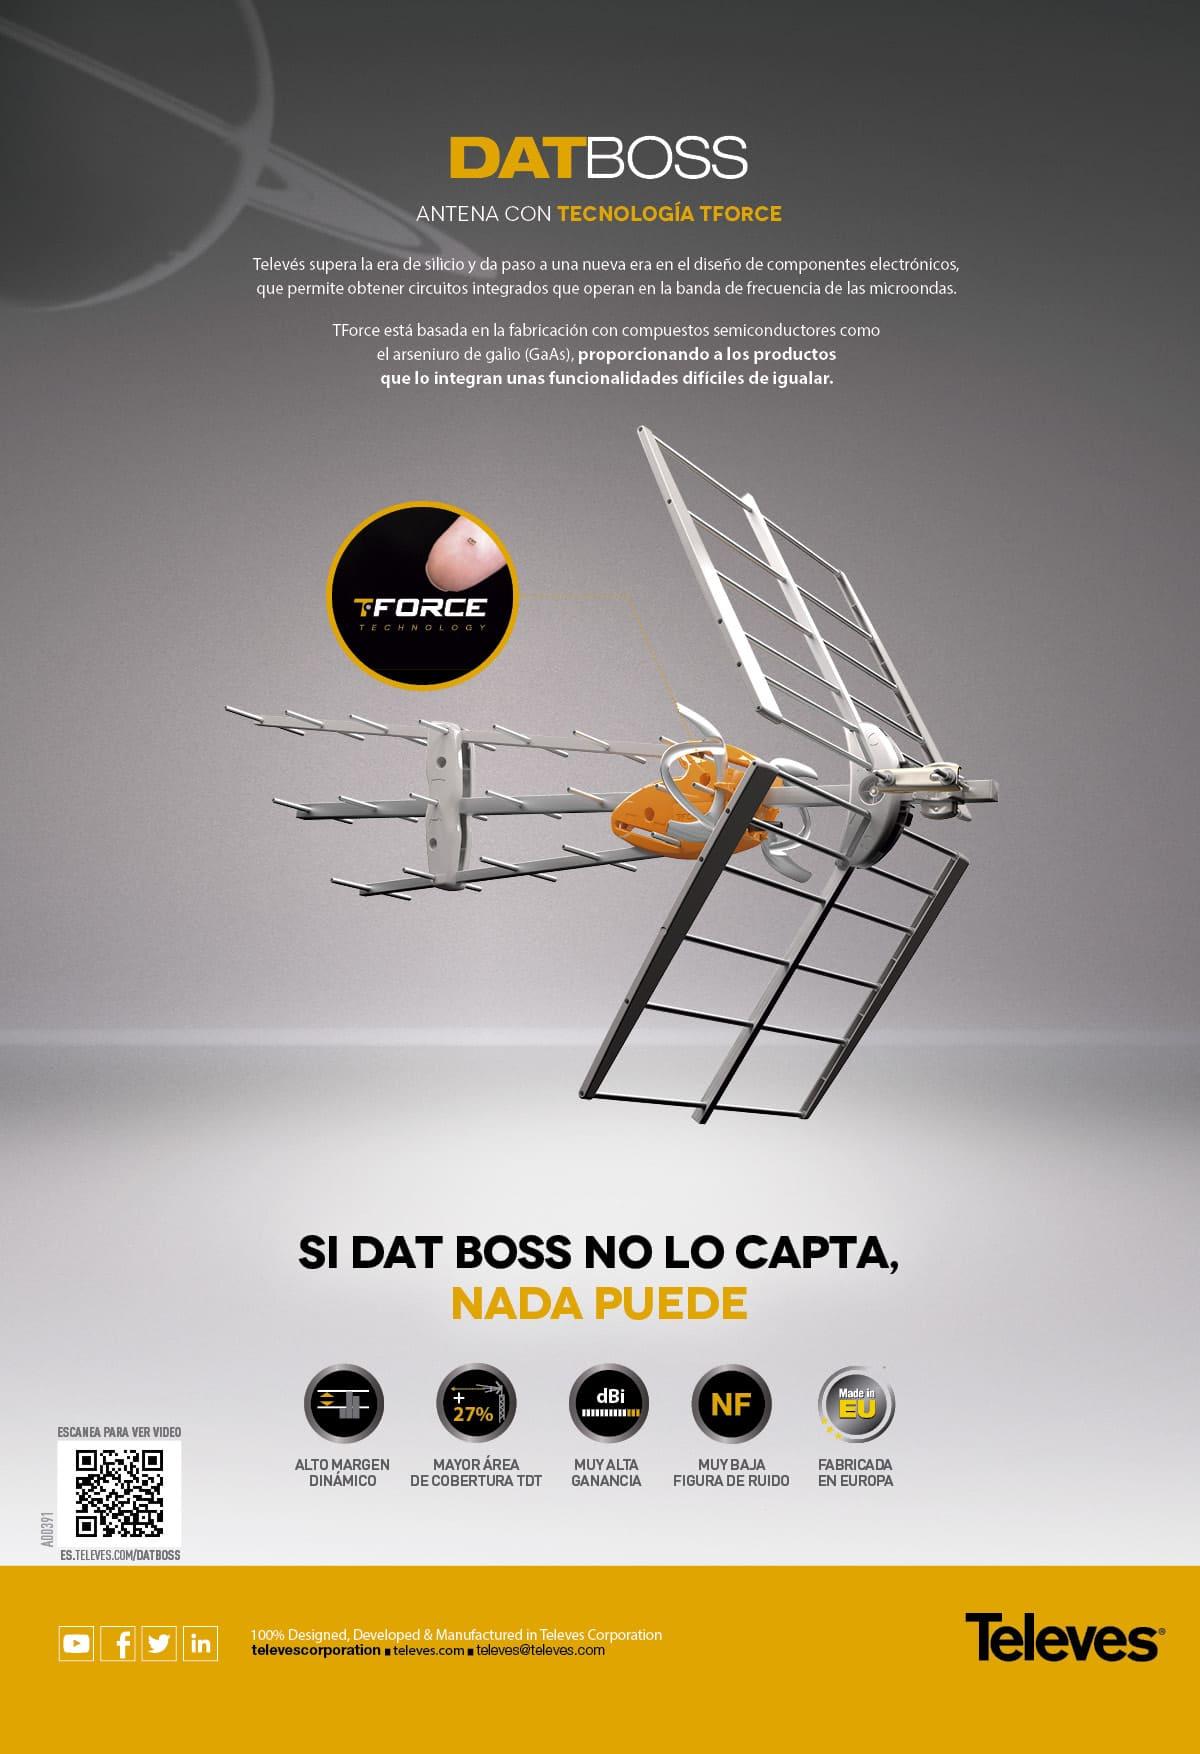 datboss antena con tecnología tforce